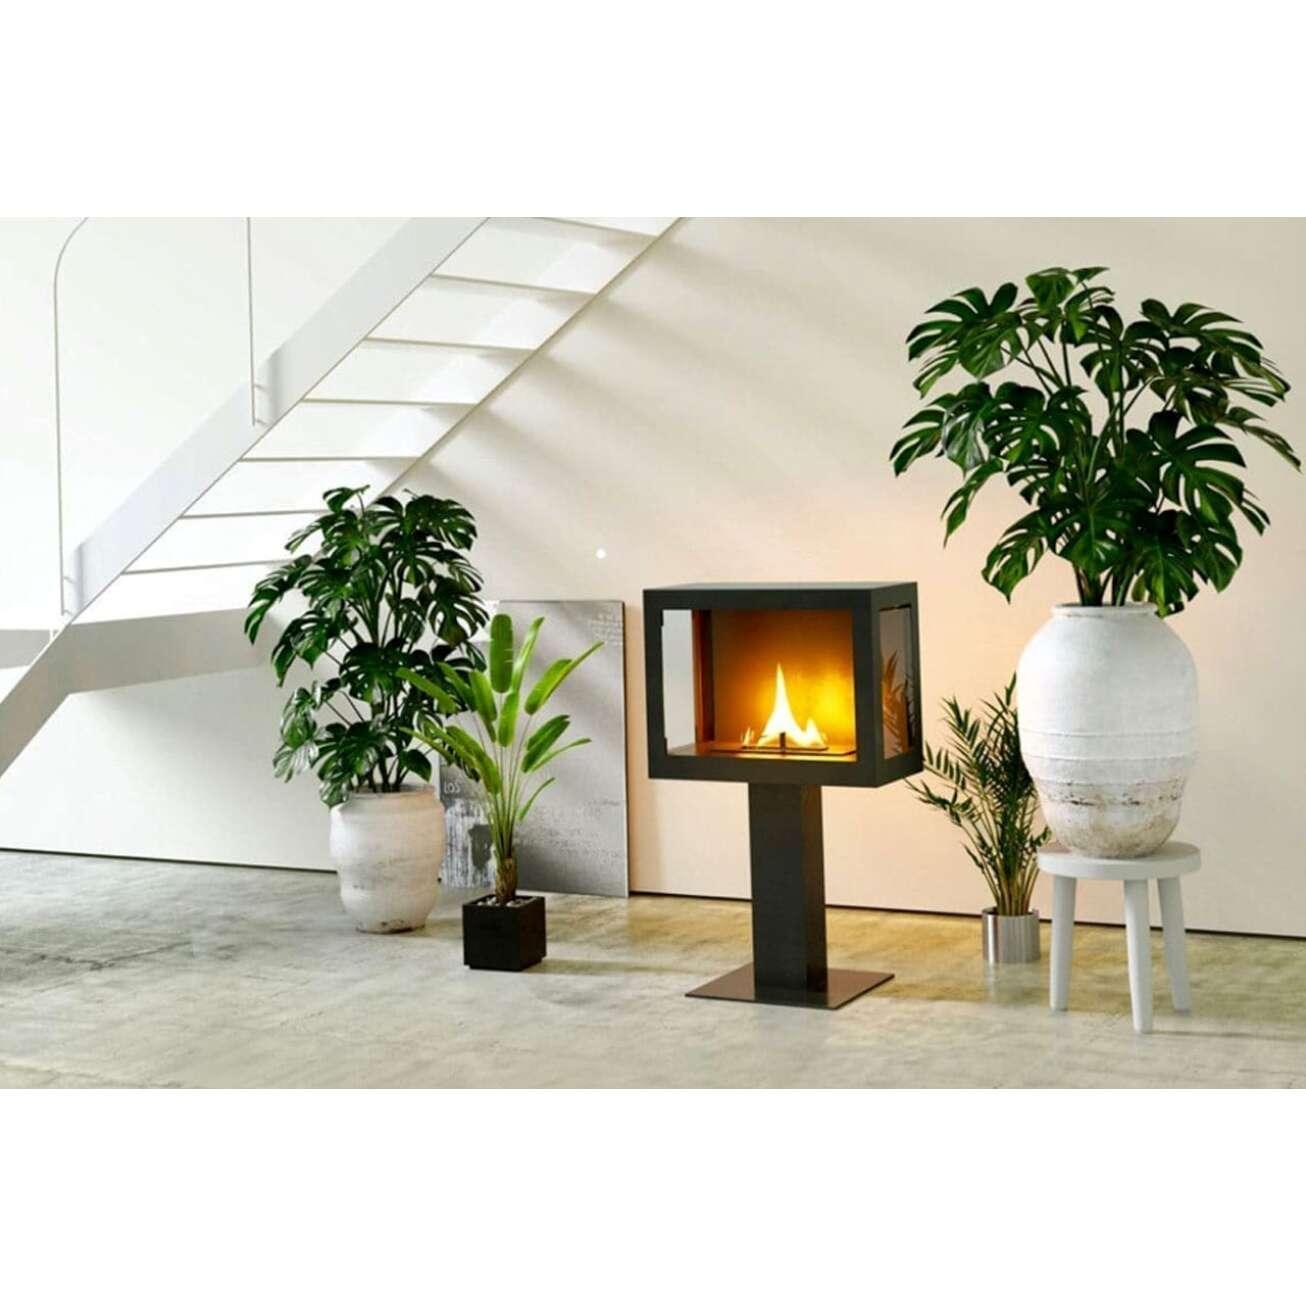 Hagemøbler og utemøbler fra Fine Design - Tenderflame